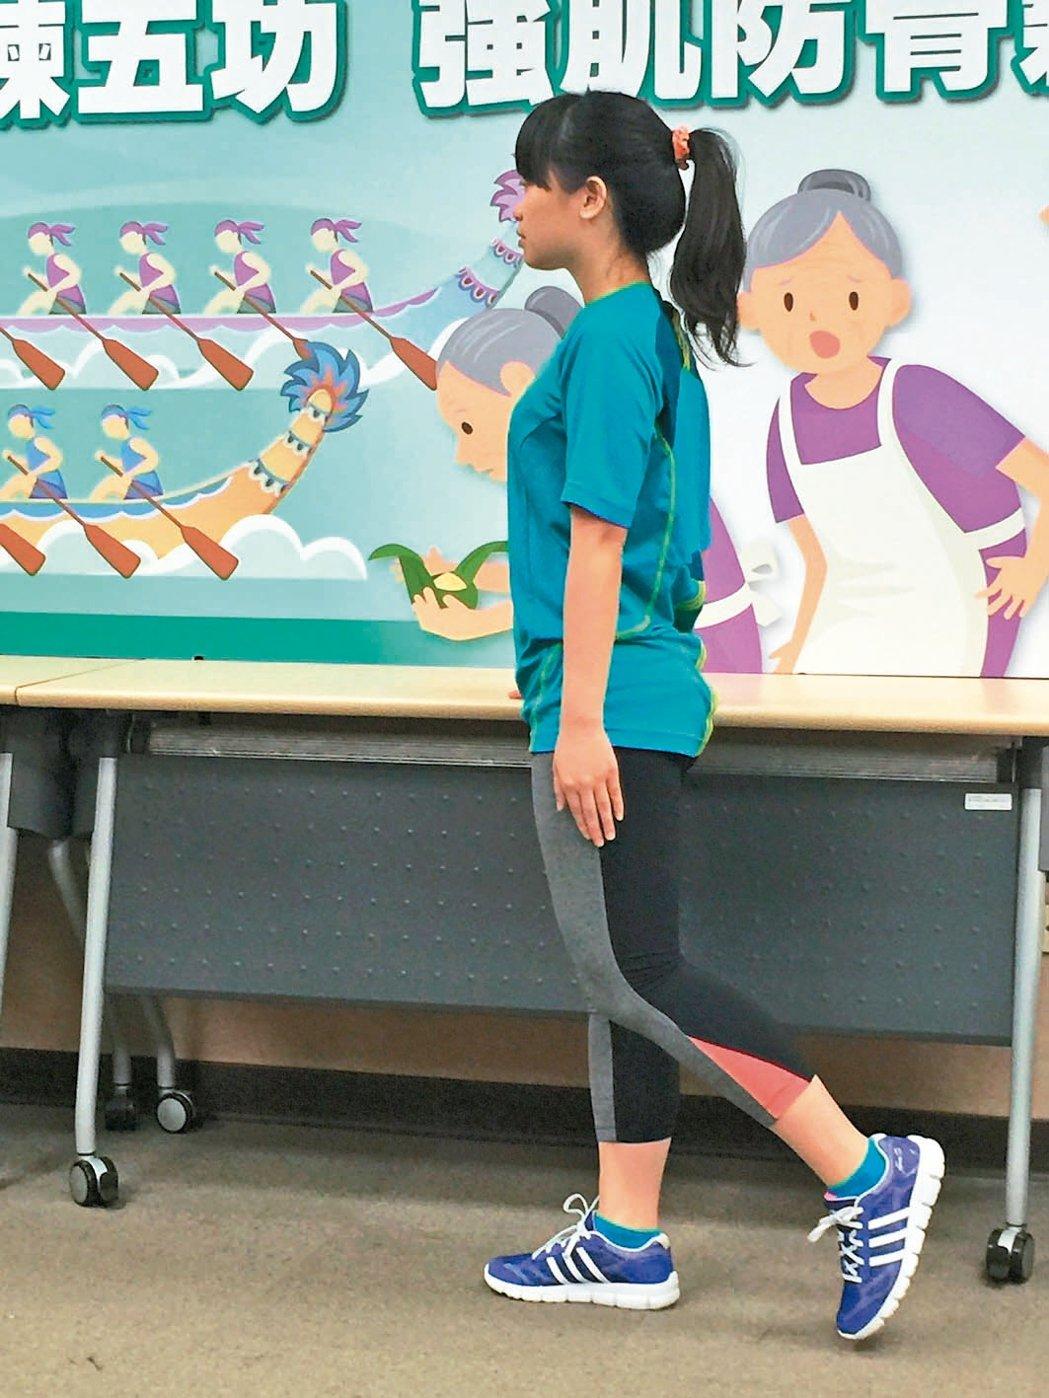 骨盆鍛鍊:單手扶椅,單腳向前滑動並維持腳趾接觸地面,再微抬起離地5公分,輕輕向後...